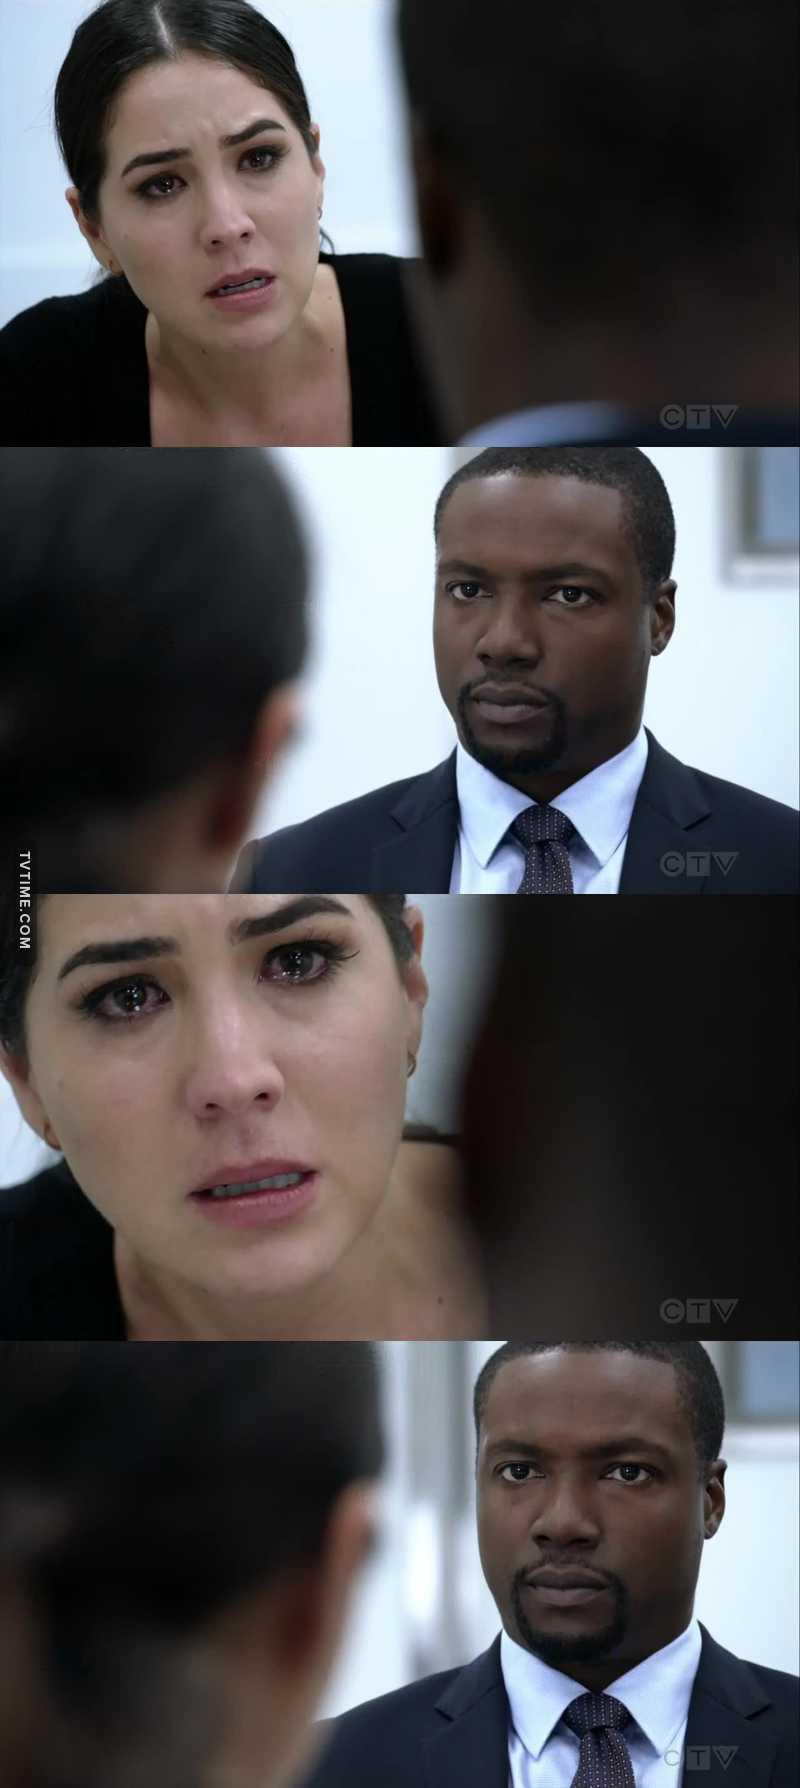 This scene 😭😭😭